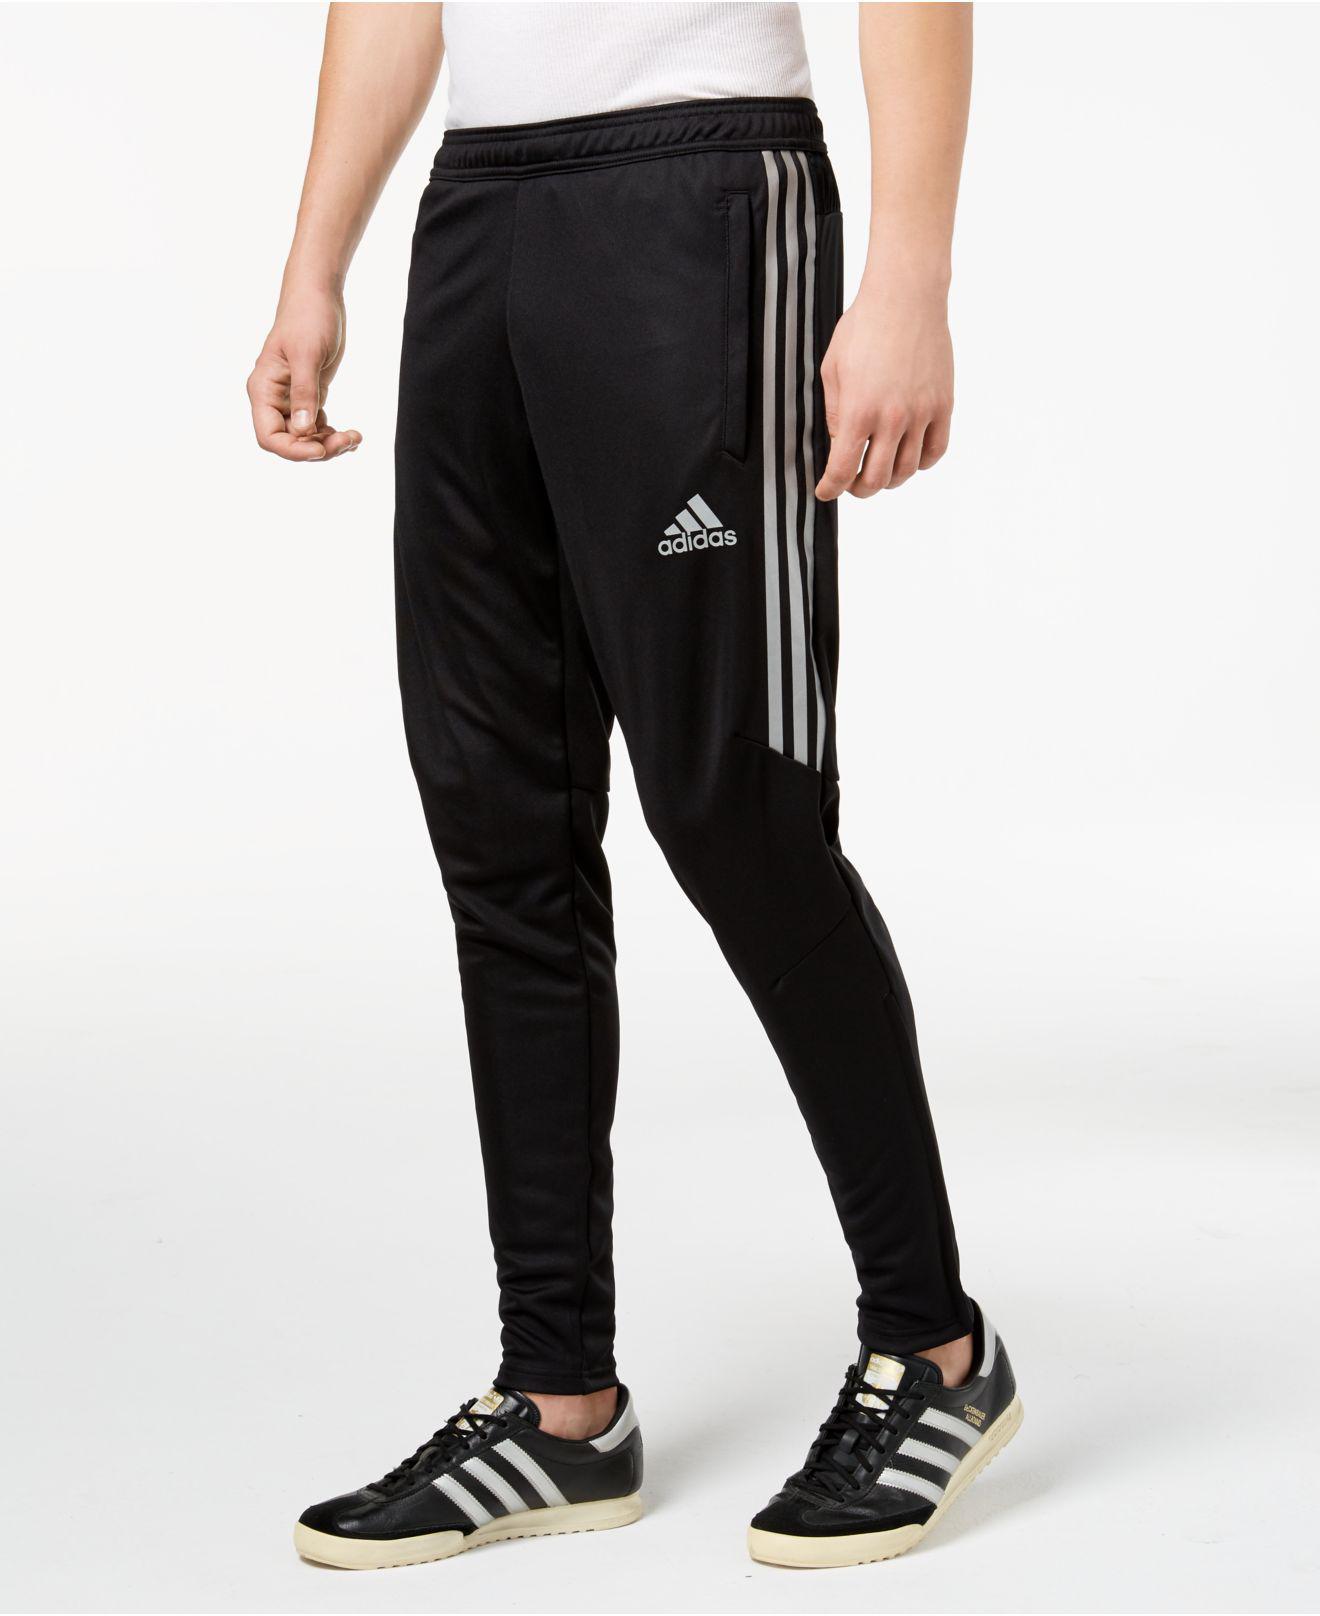 adidas. Black Men's Tiro Metallic Soccer Pants